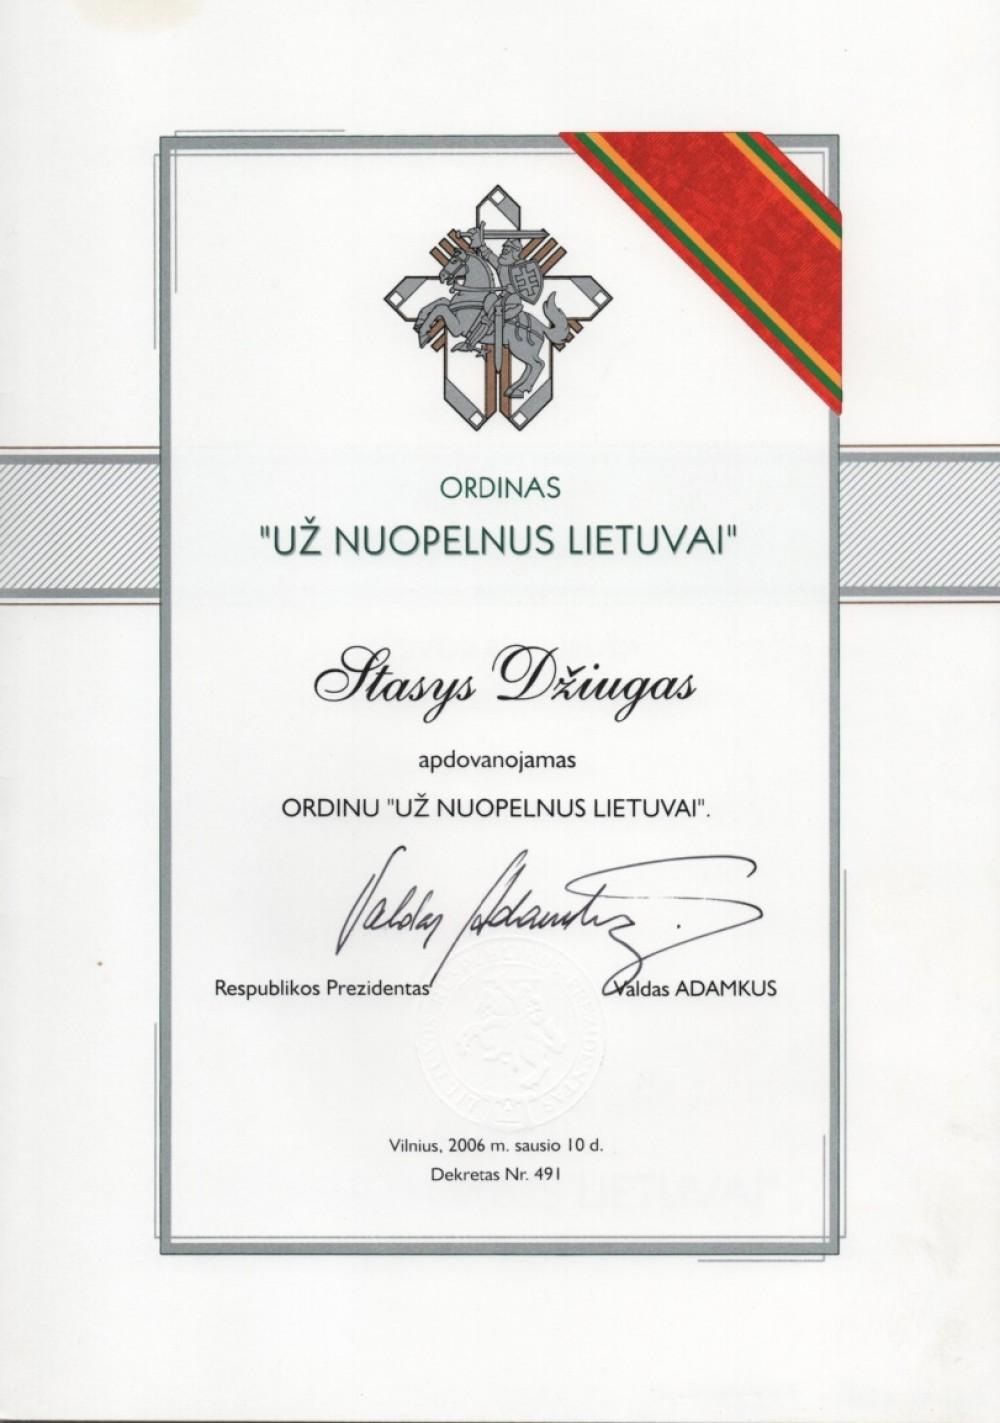 """Ordinas """"Už nuopelnus Lietuvai"""". 2006 01 10. Vilnius"""